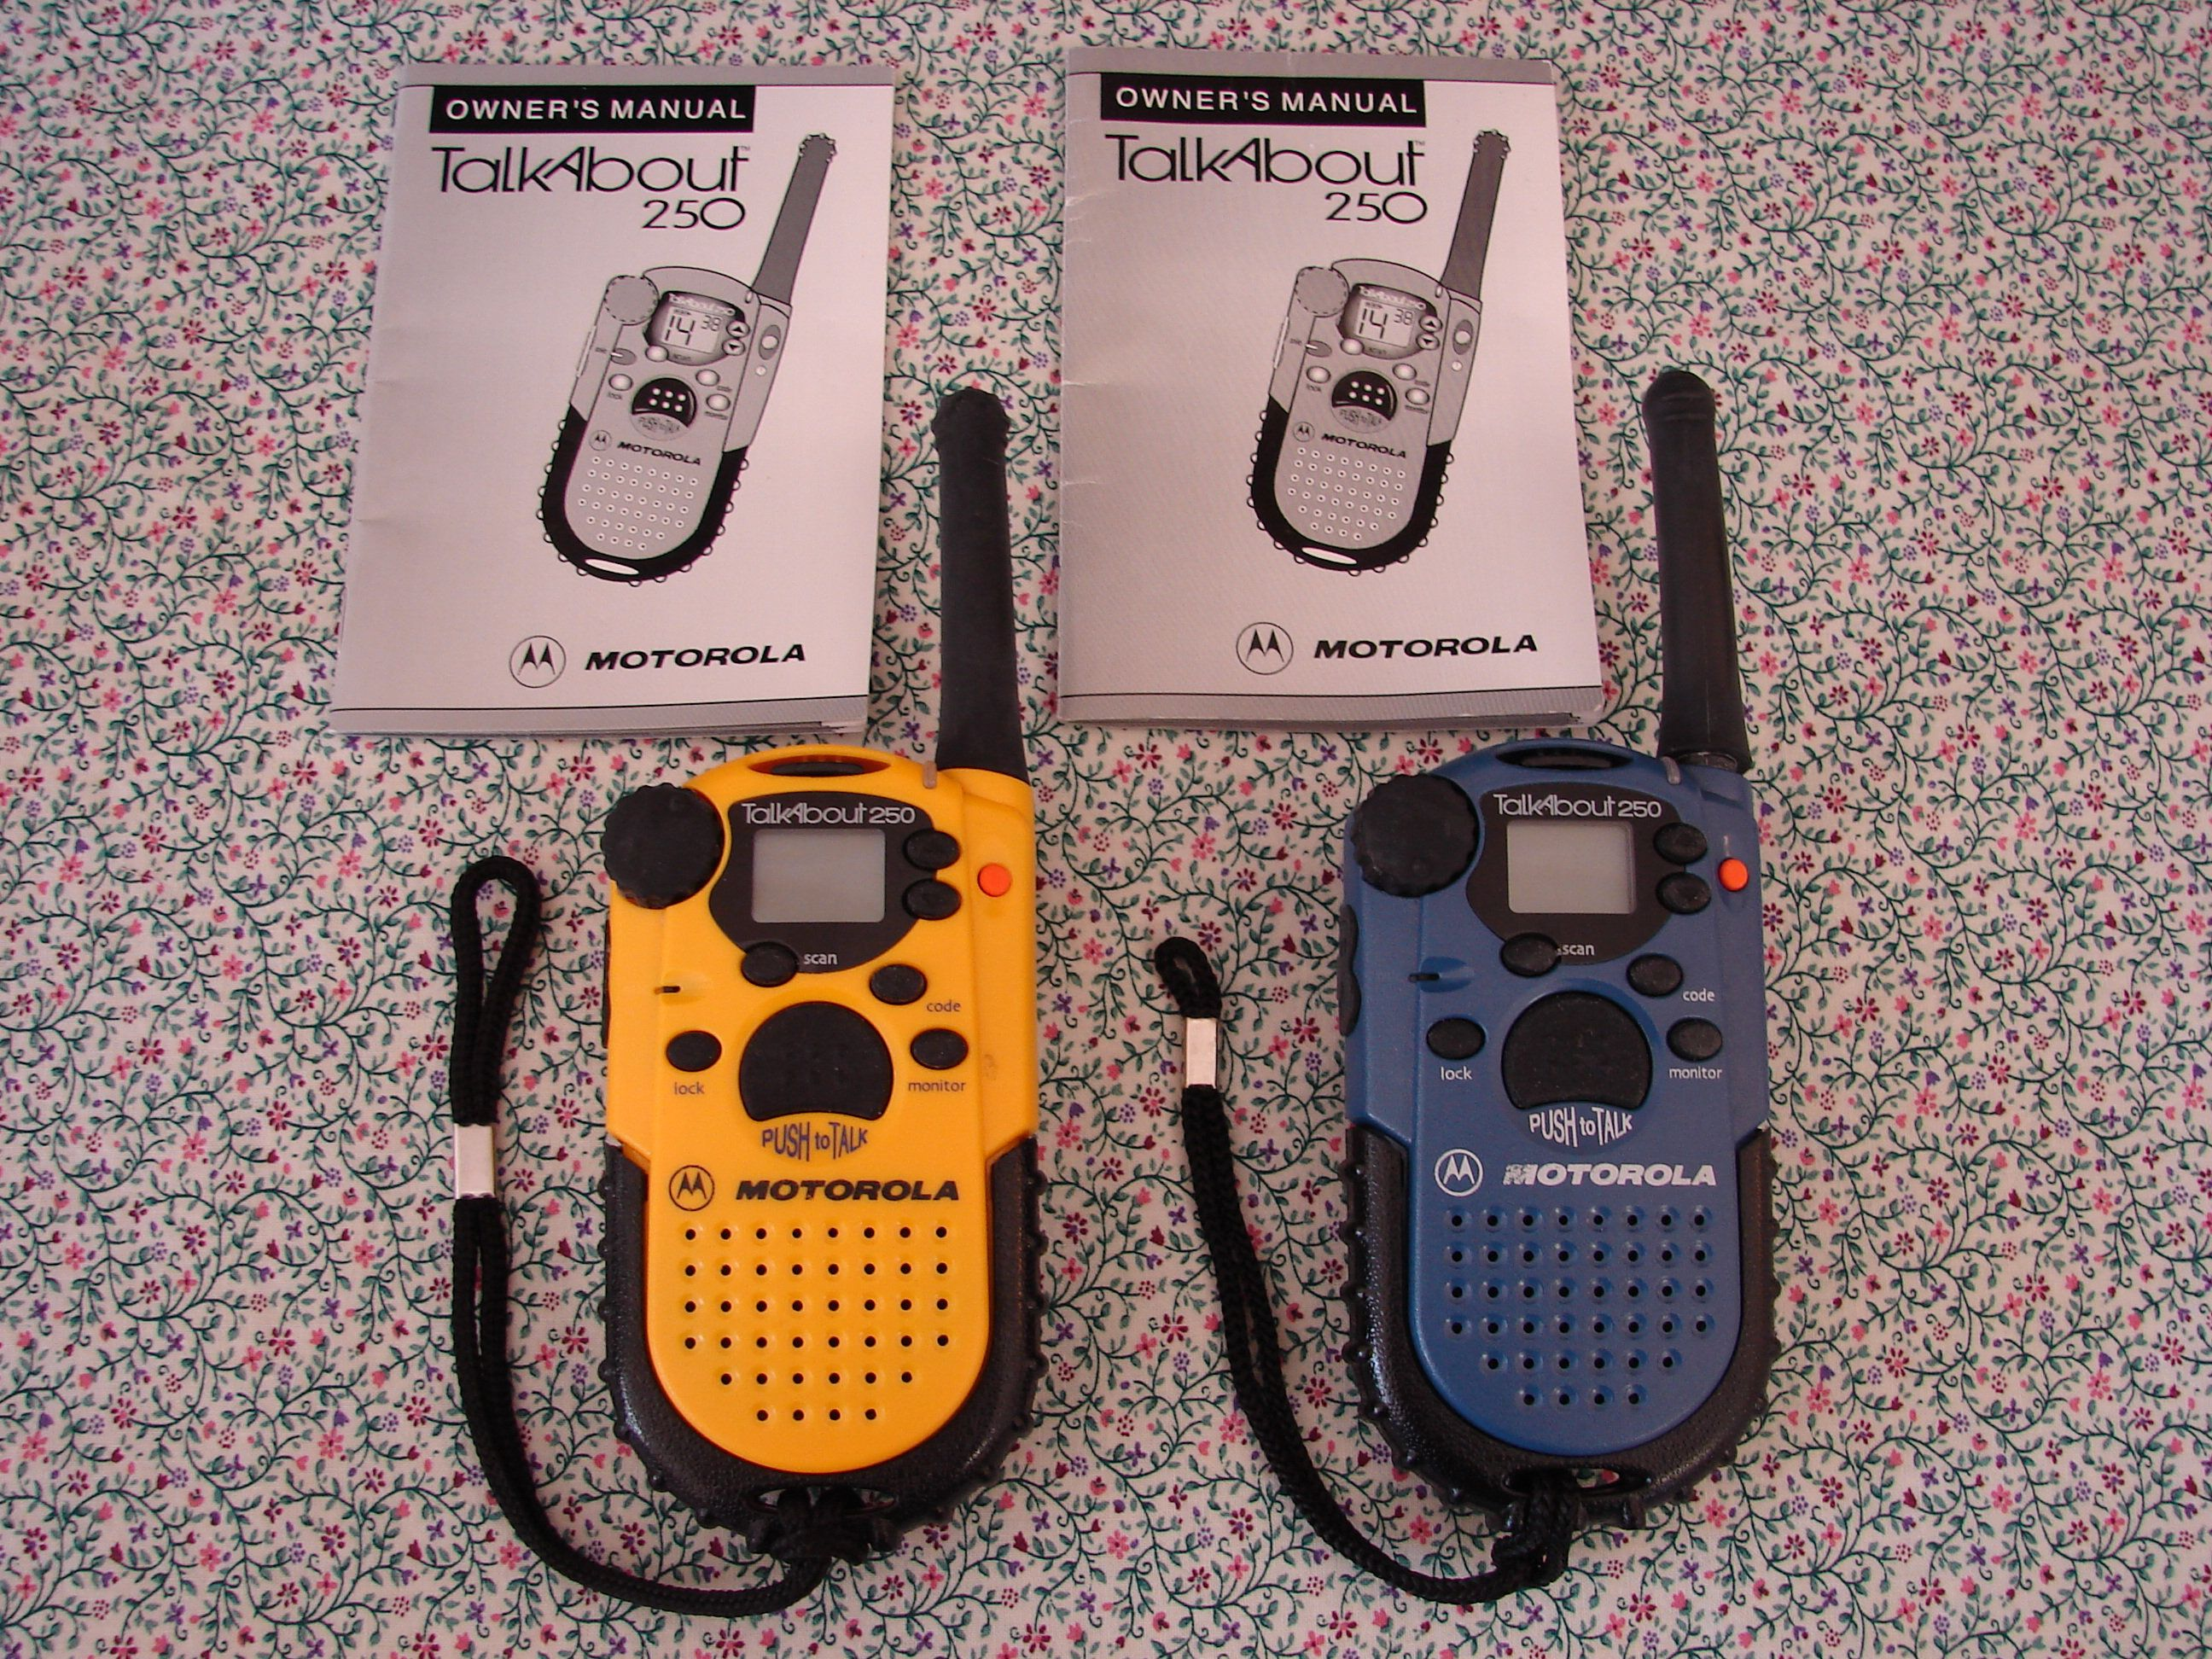 motorola talkabout 250 set of handheld walkie talkies 2 mile range rh pinterest ca